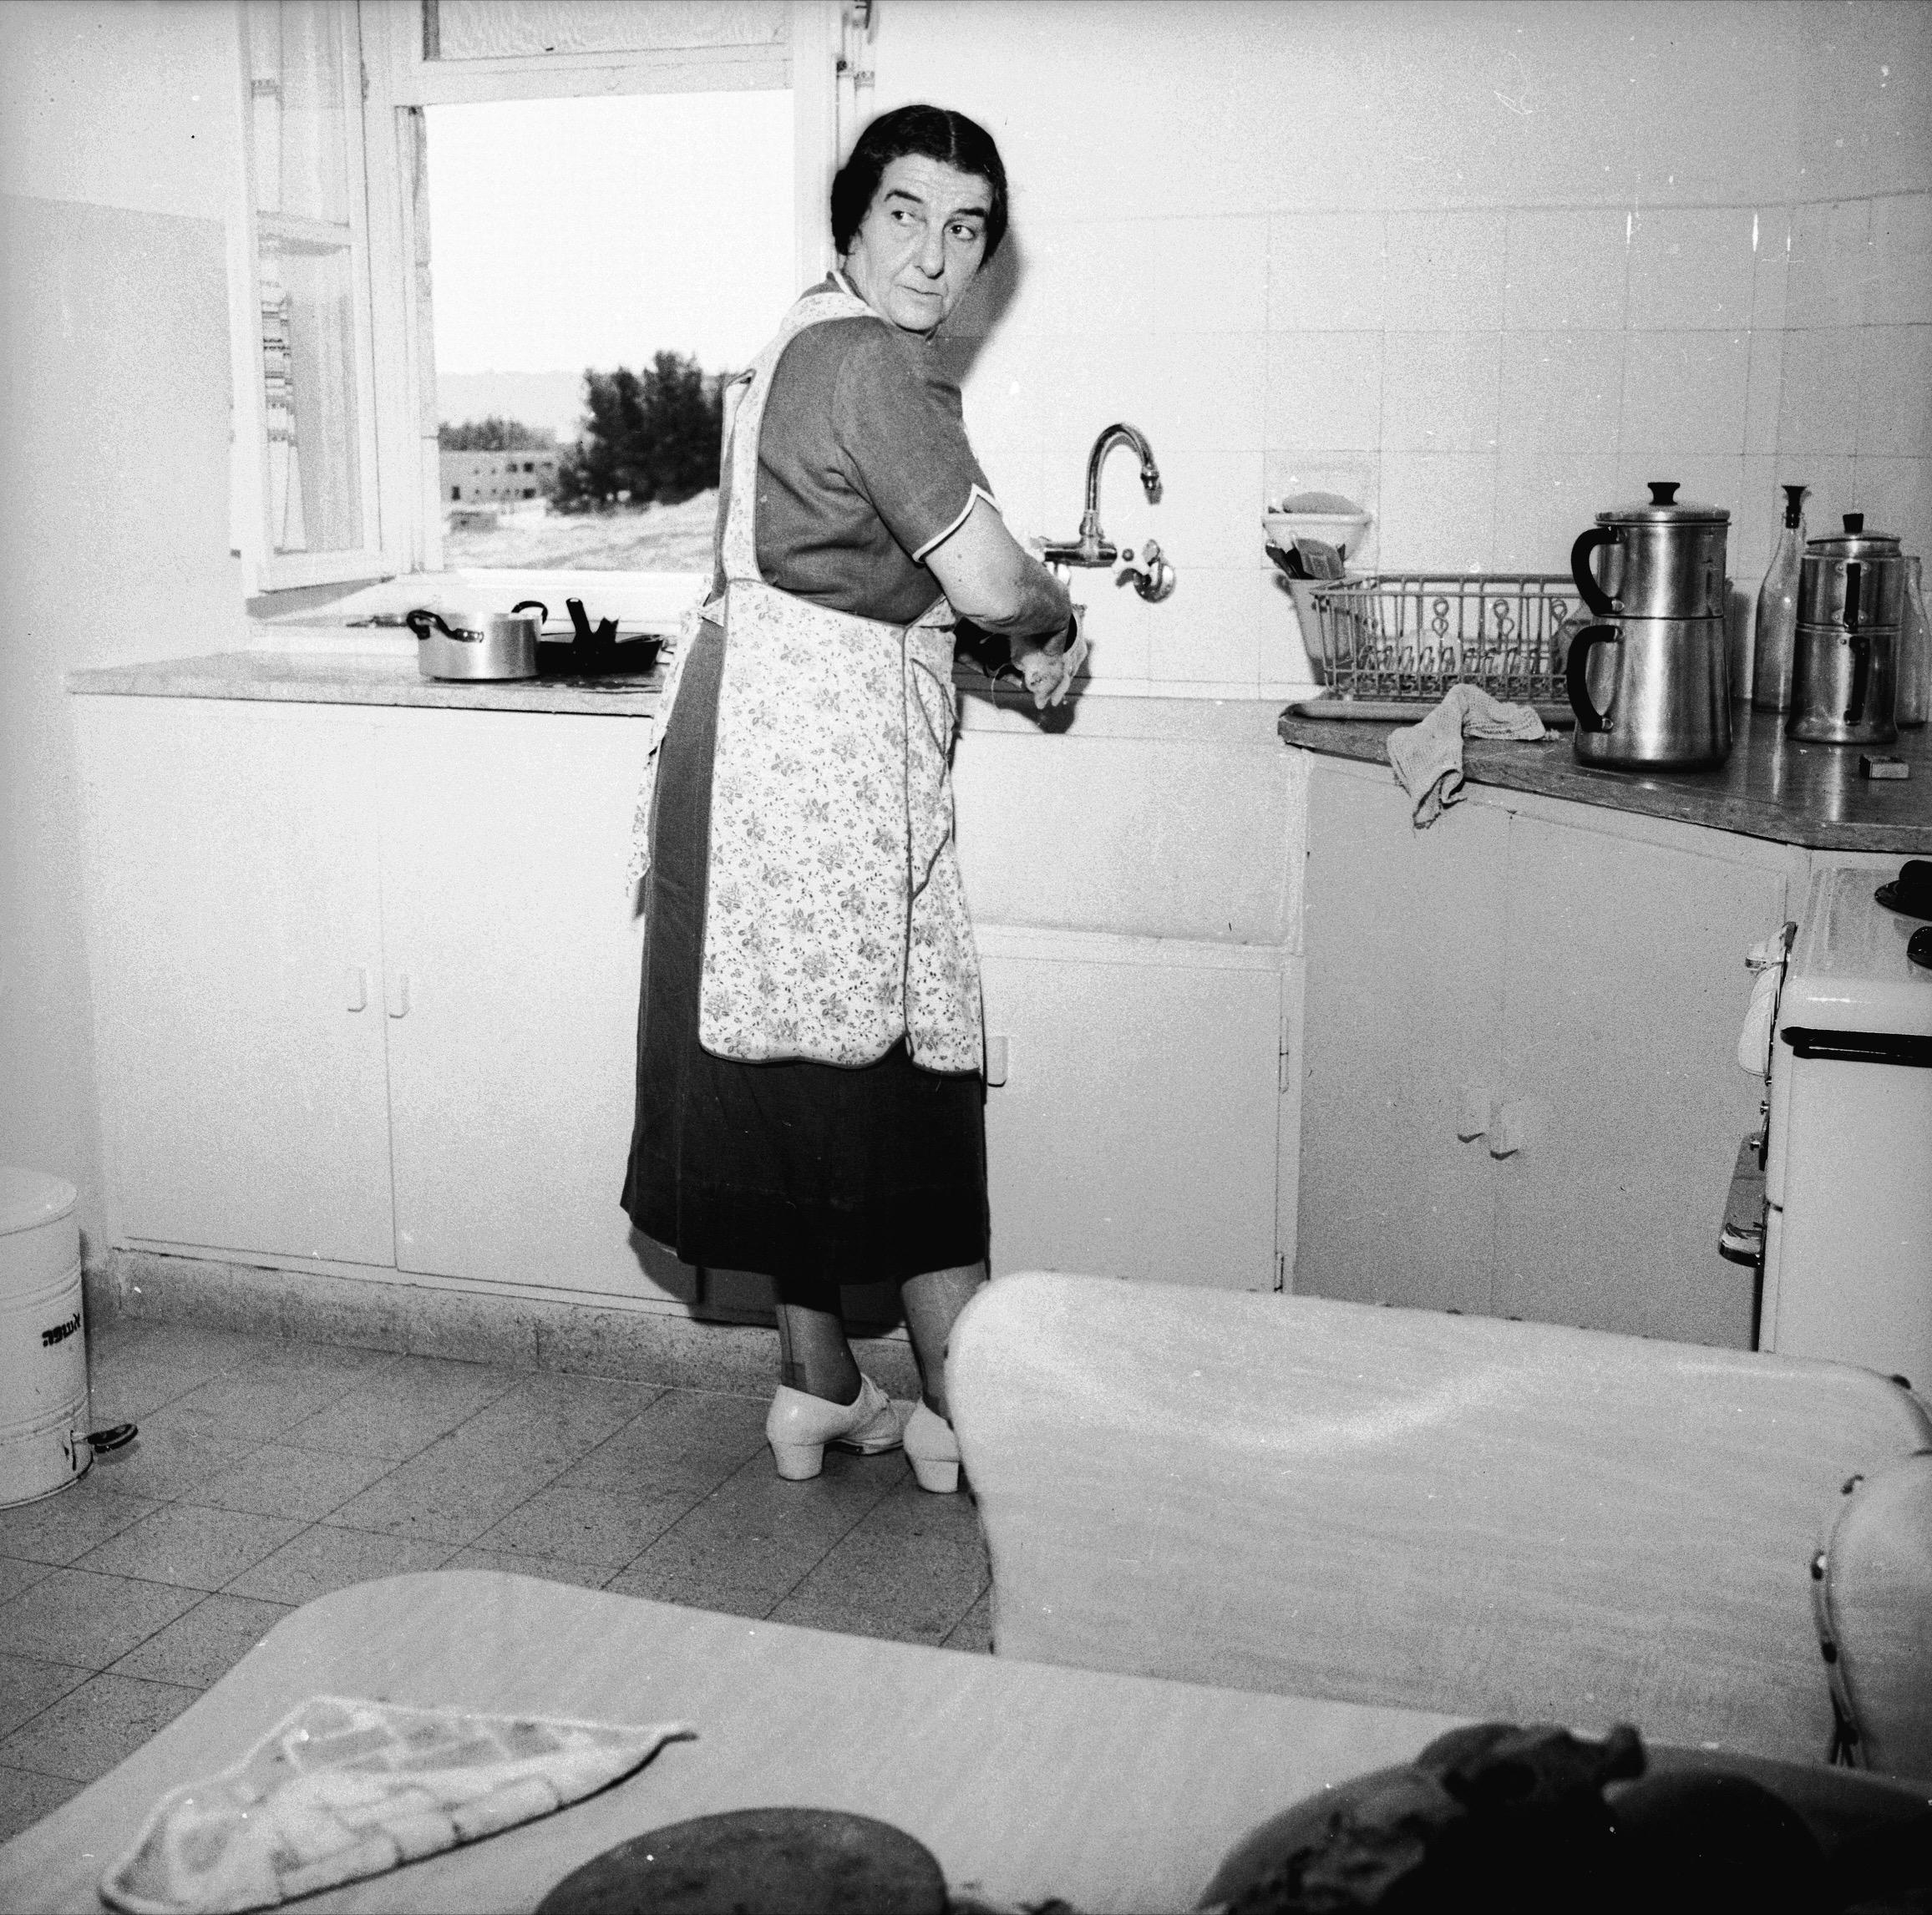 גולדה מאיר במטבח בביתה בירושלים